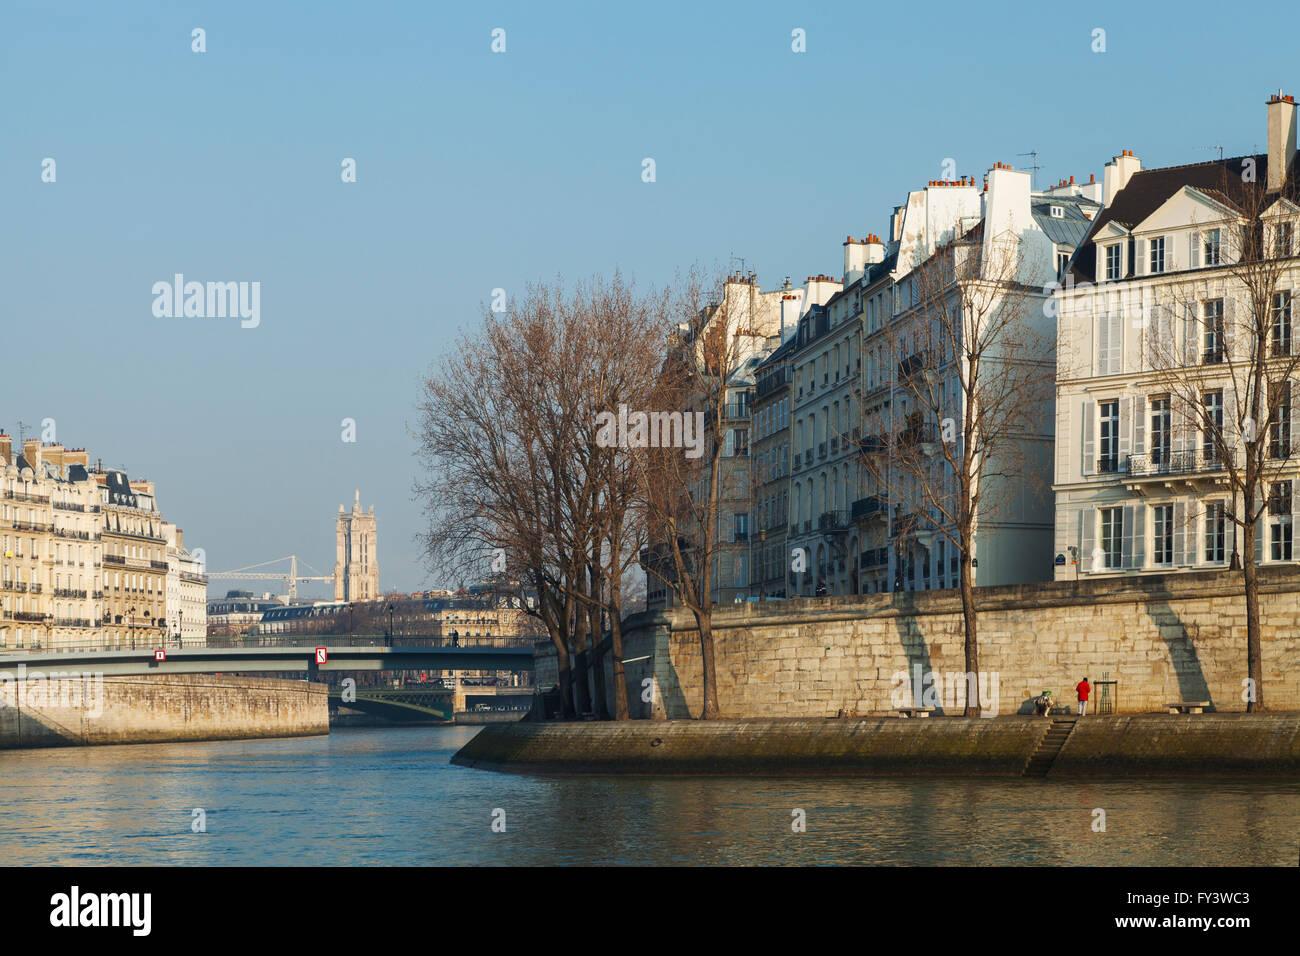 Île de France, Paris, 75001, France - Stock Image